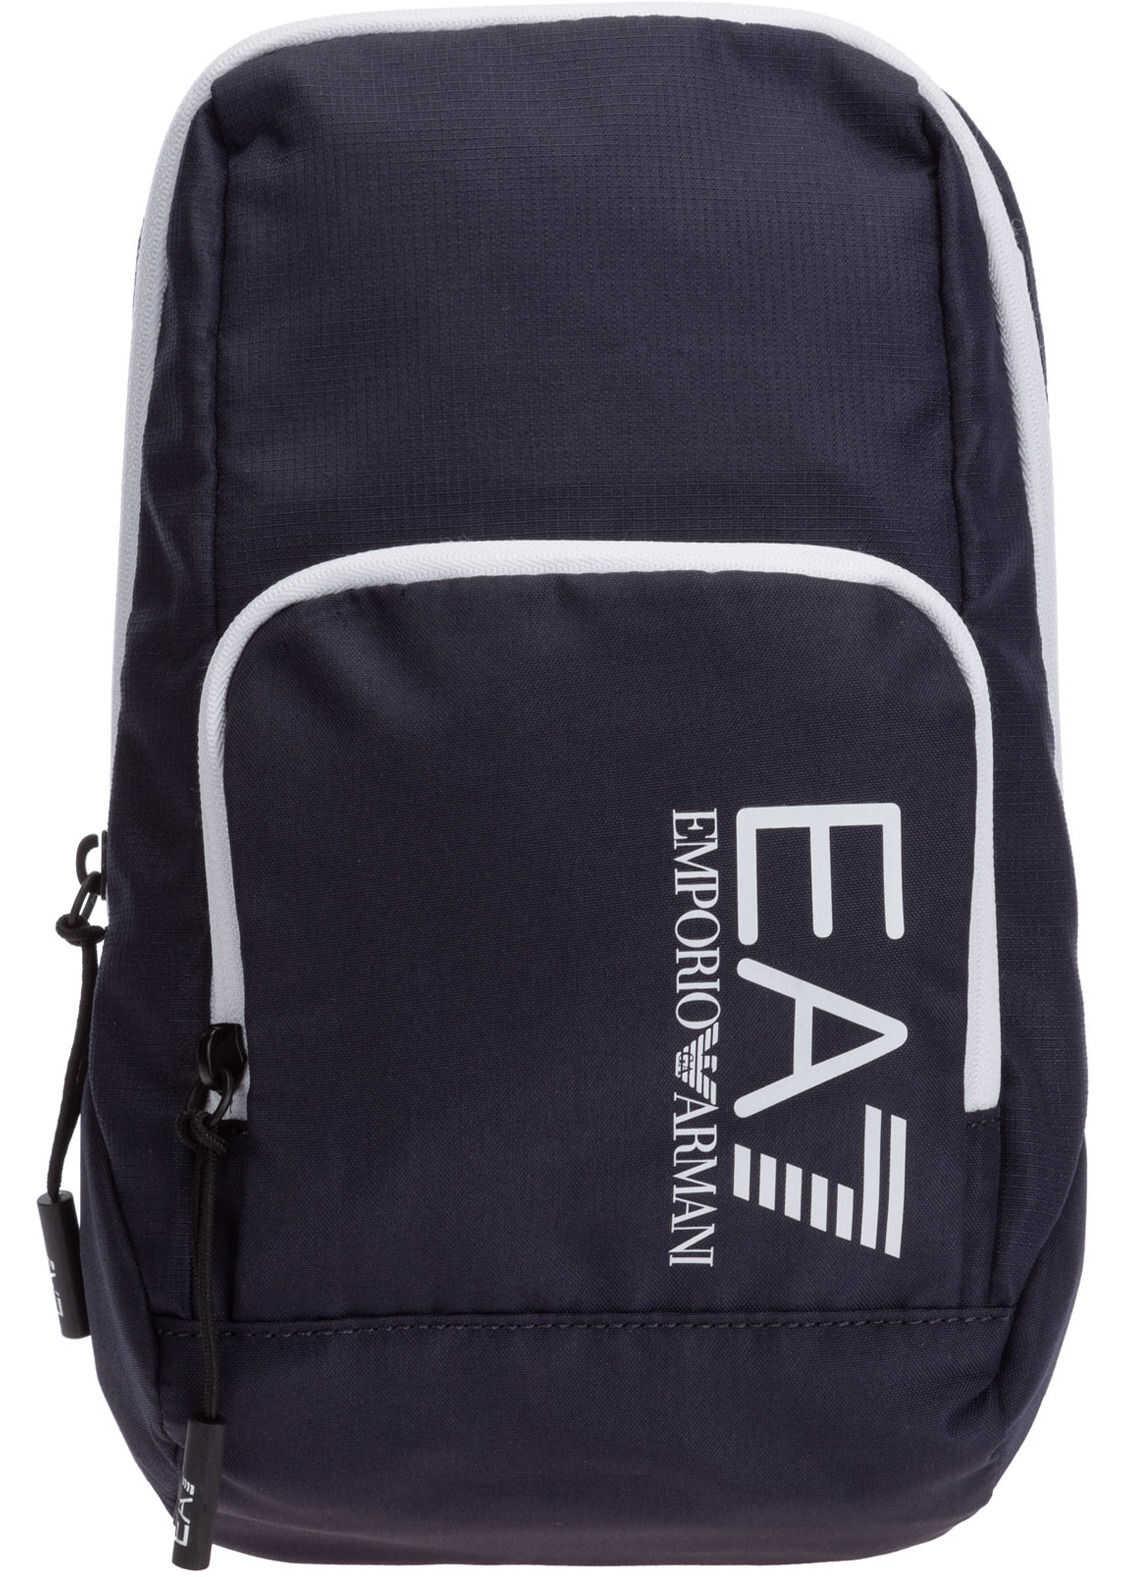 EA7 Shoulder Bag 275970CC98001938 Blue imagine b-mall.ro